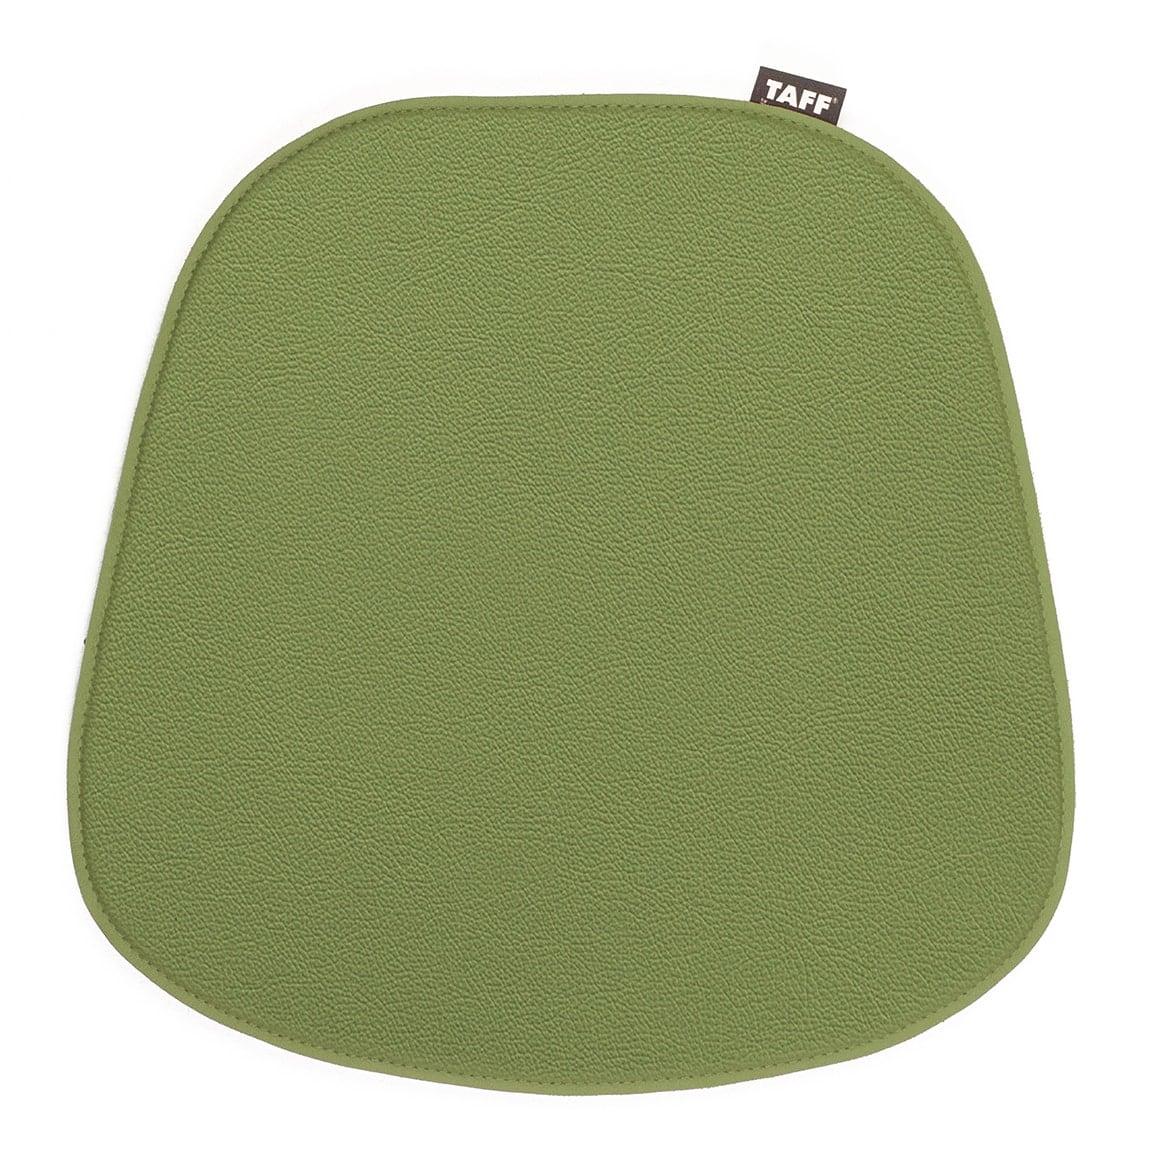 Sitzkissen-Nappa-Leder-Arm-Chair-forest#48